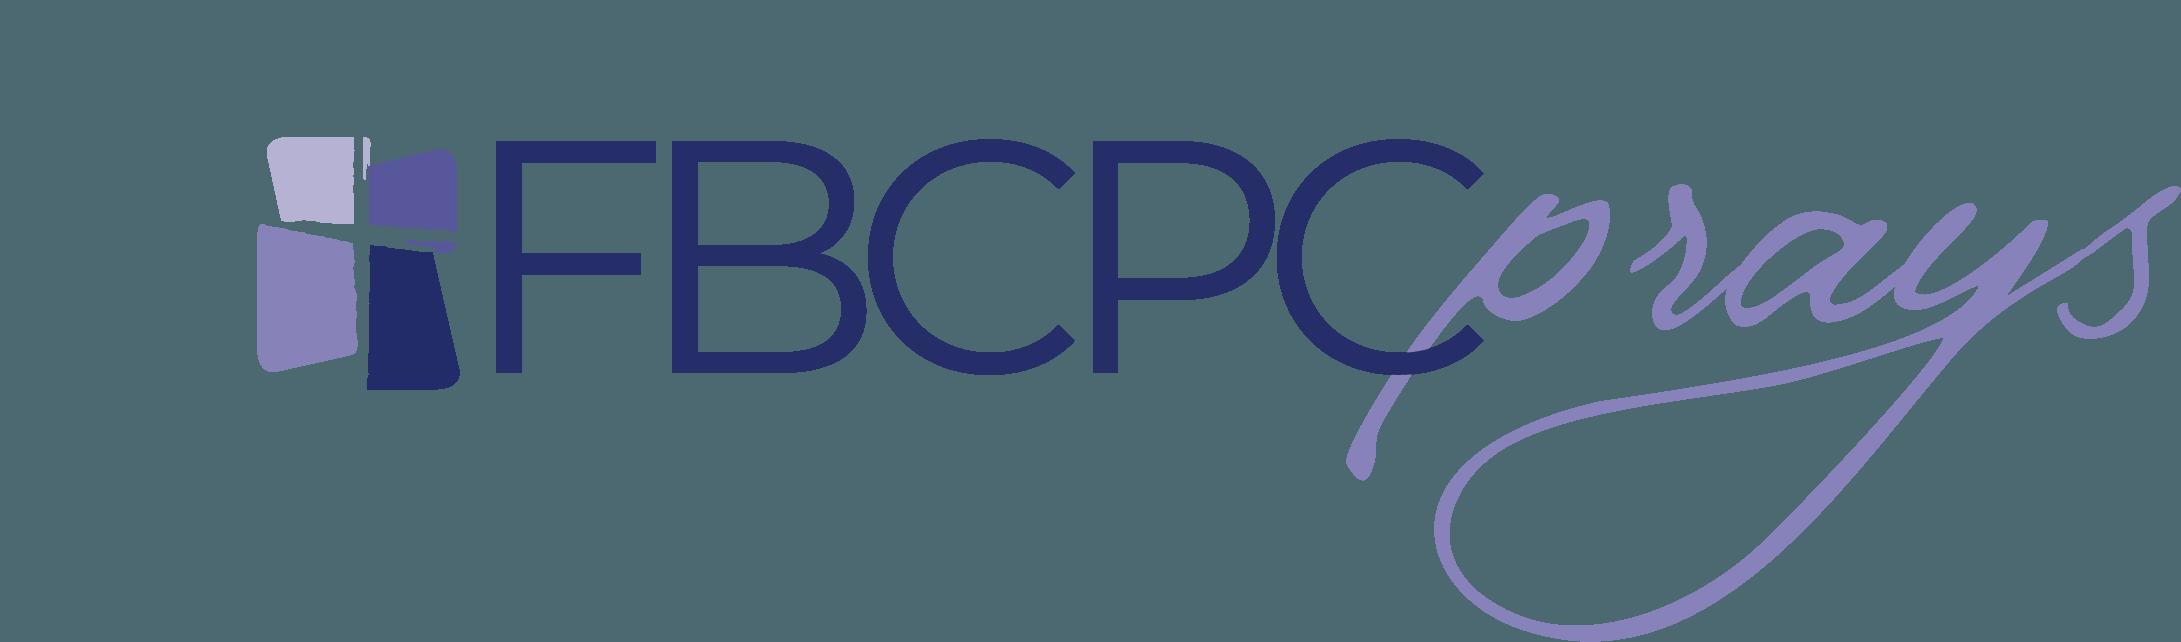 FBCPCprays